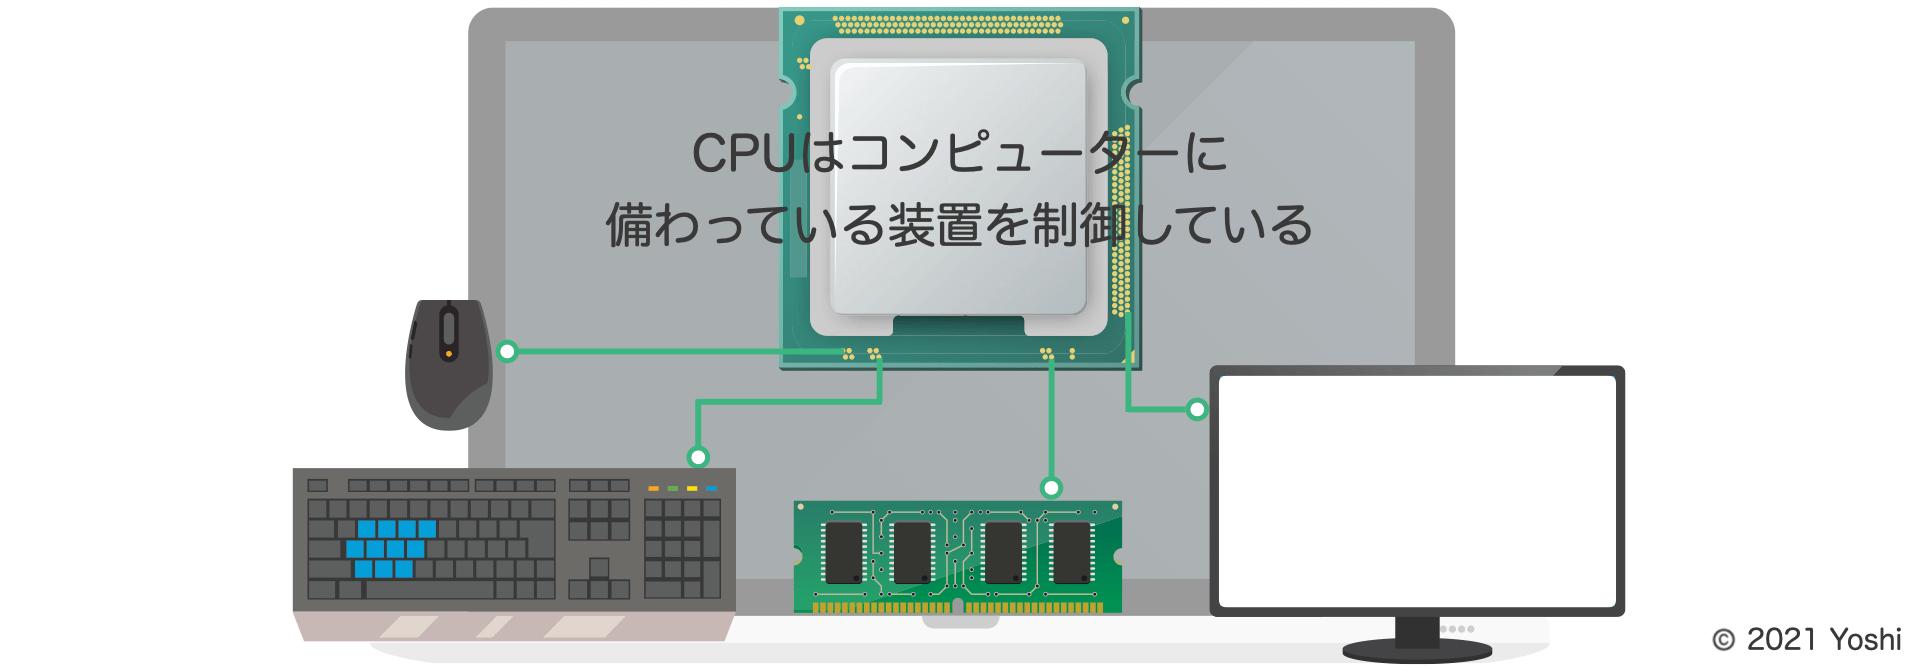 CPUはコンピューターの装置を制御